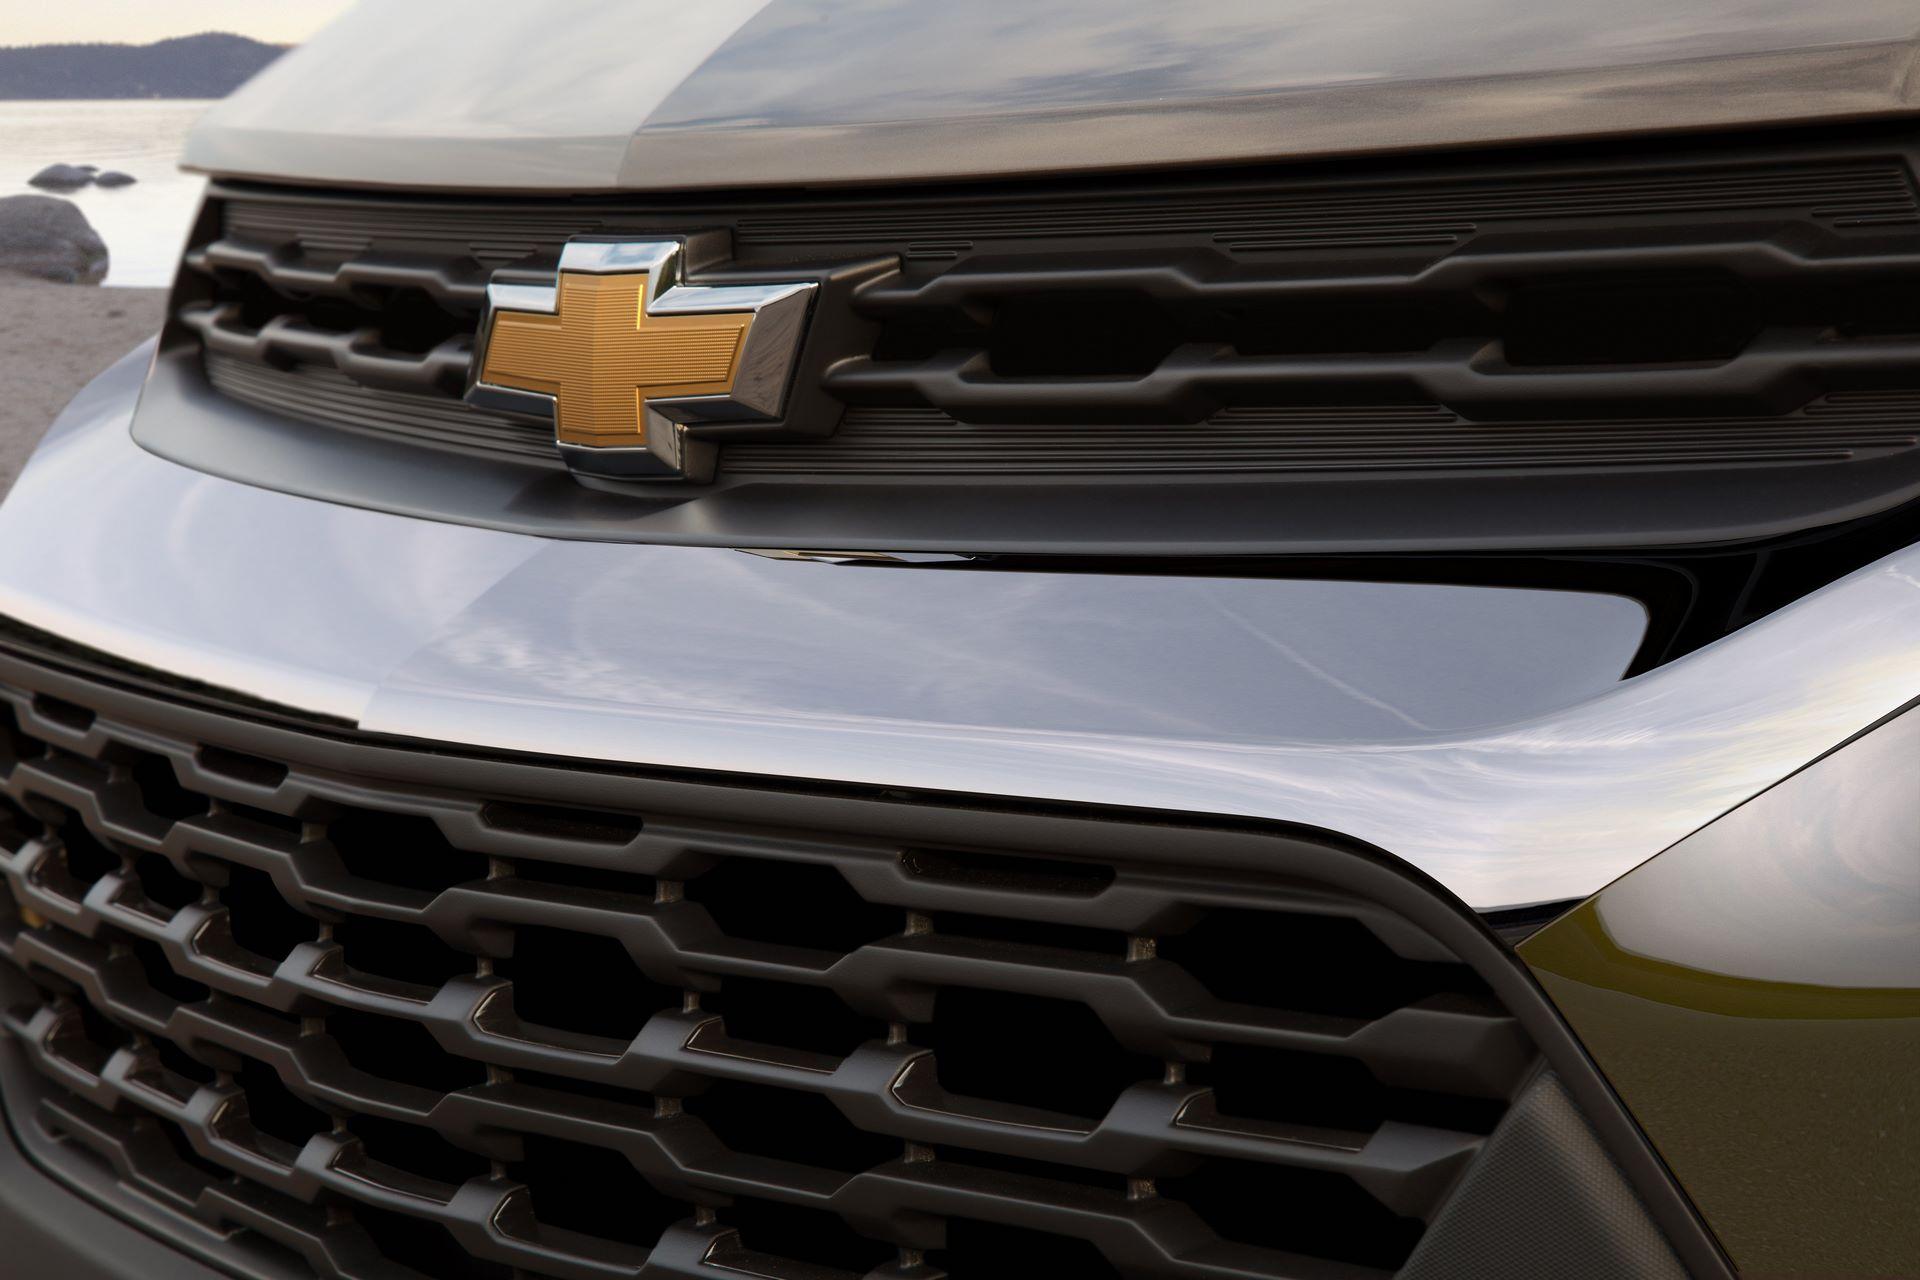 Chevrolet-Trailblazer-2021-20